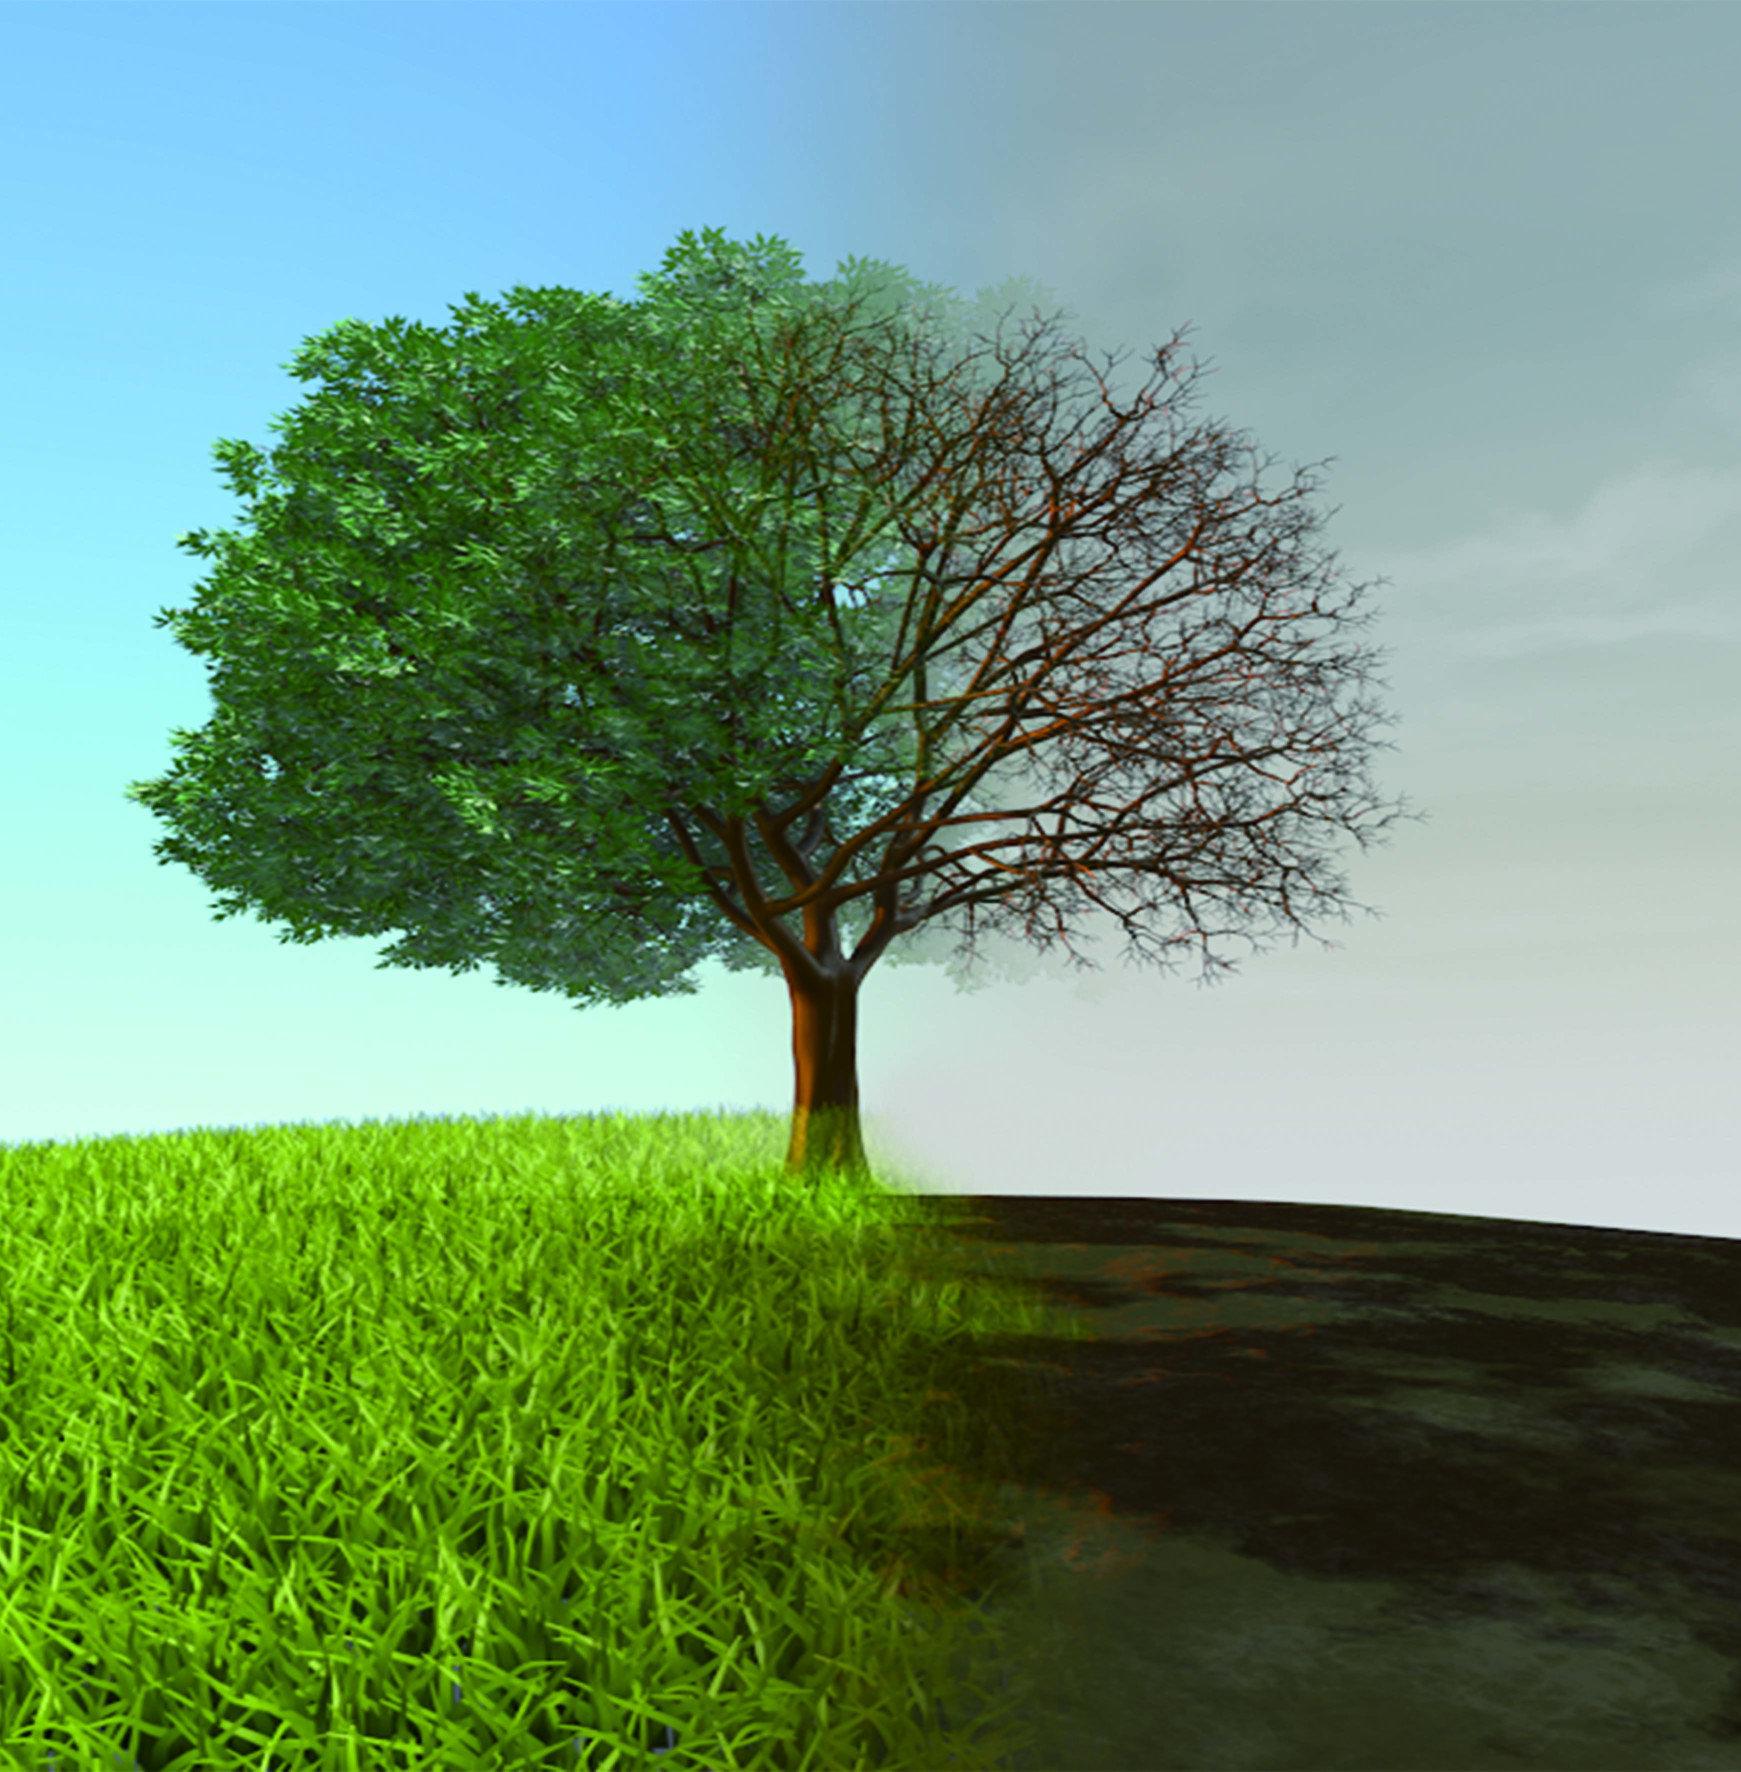 路樹也可能是空汙兇手!造成空氣污染的物質可以是固態顆粒、液滴,或是氣體;污染物可以是人造的,也可以是天然的。